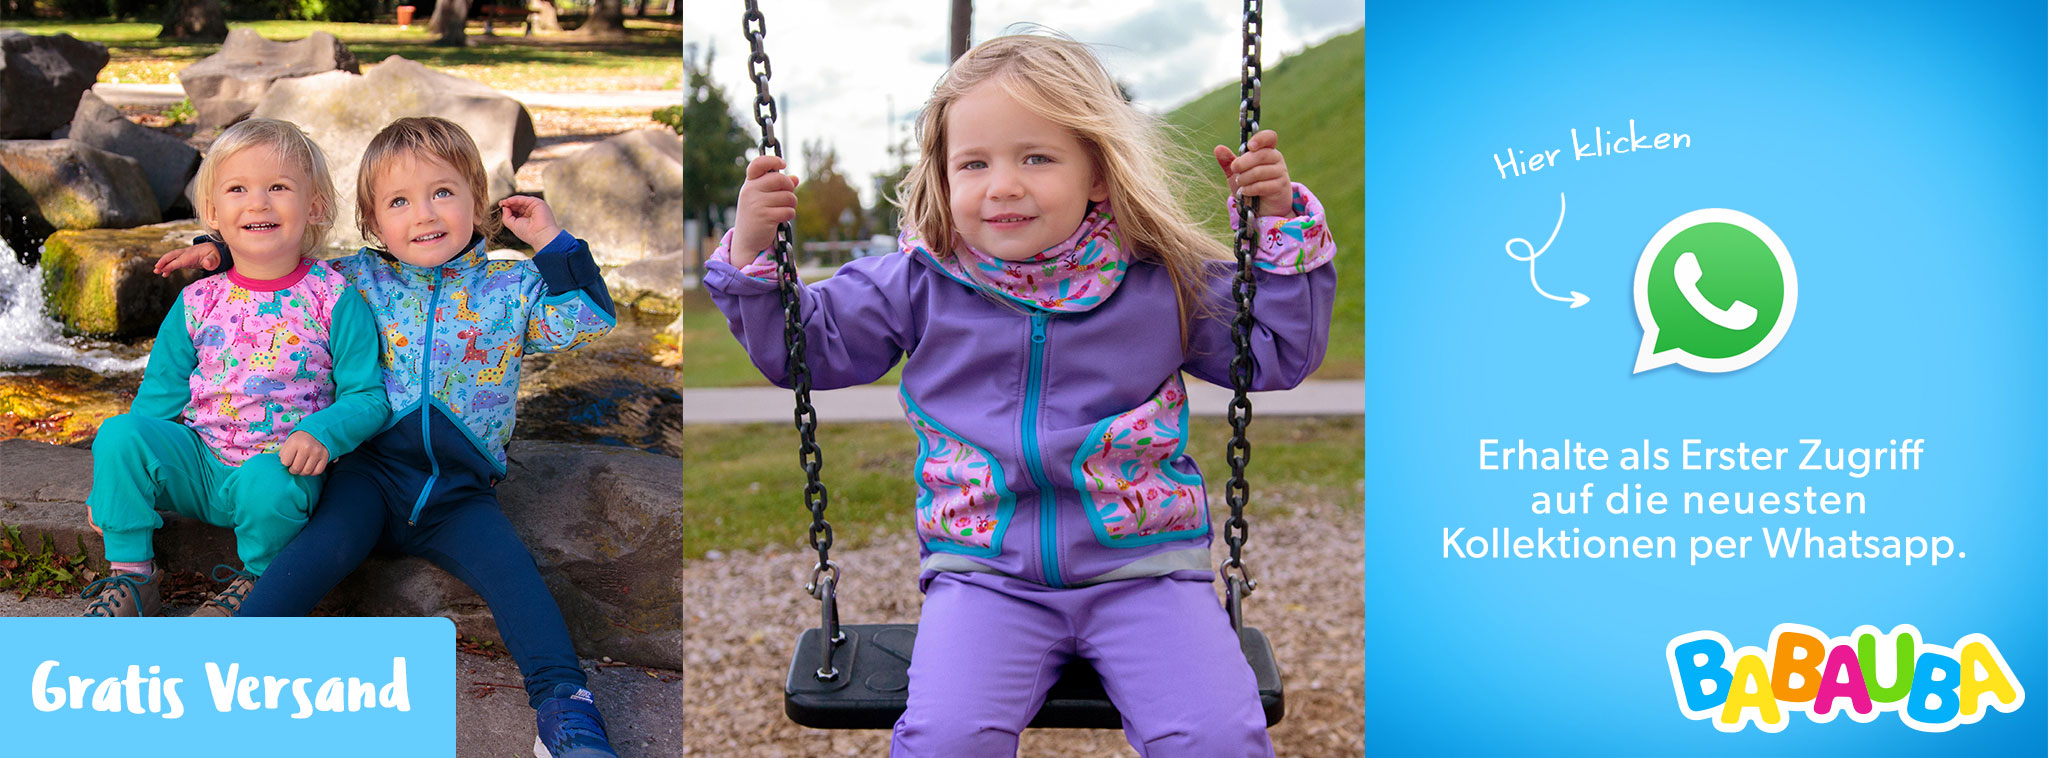 965f5f5fe41c99 Bunte Babymode von Babauba  Kleinkinder- und Babyoutfits online kaufen